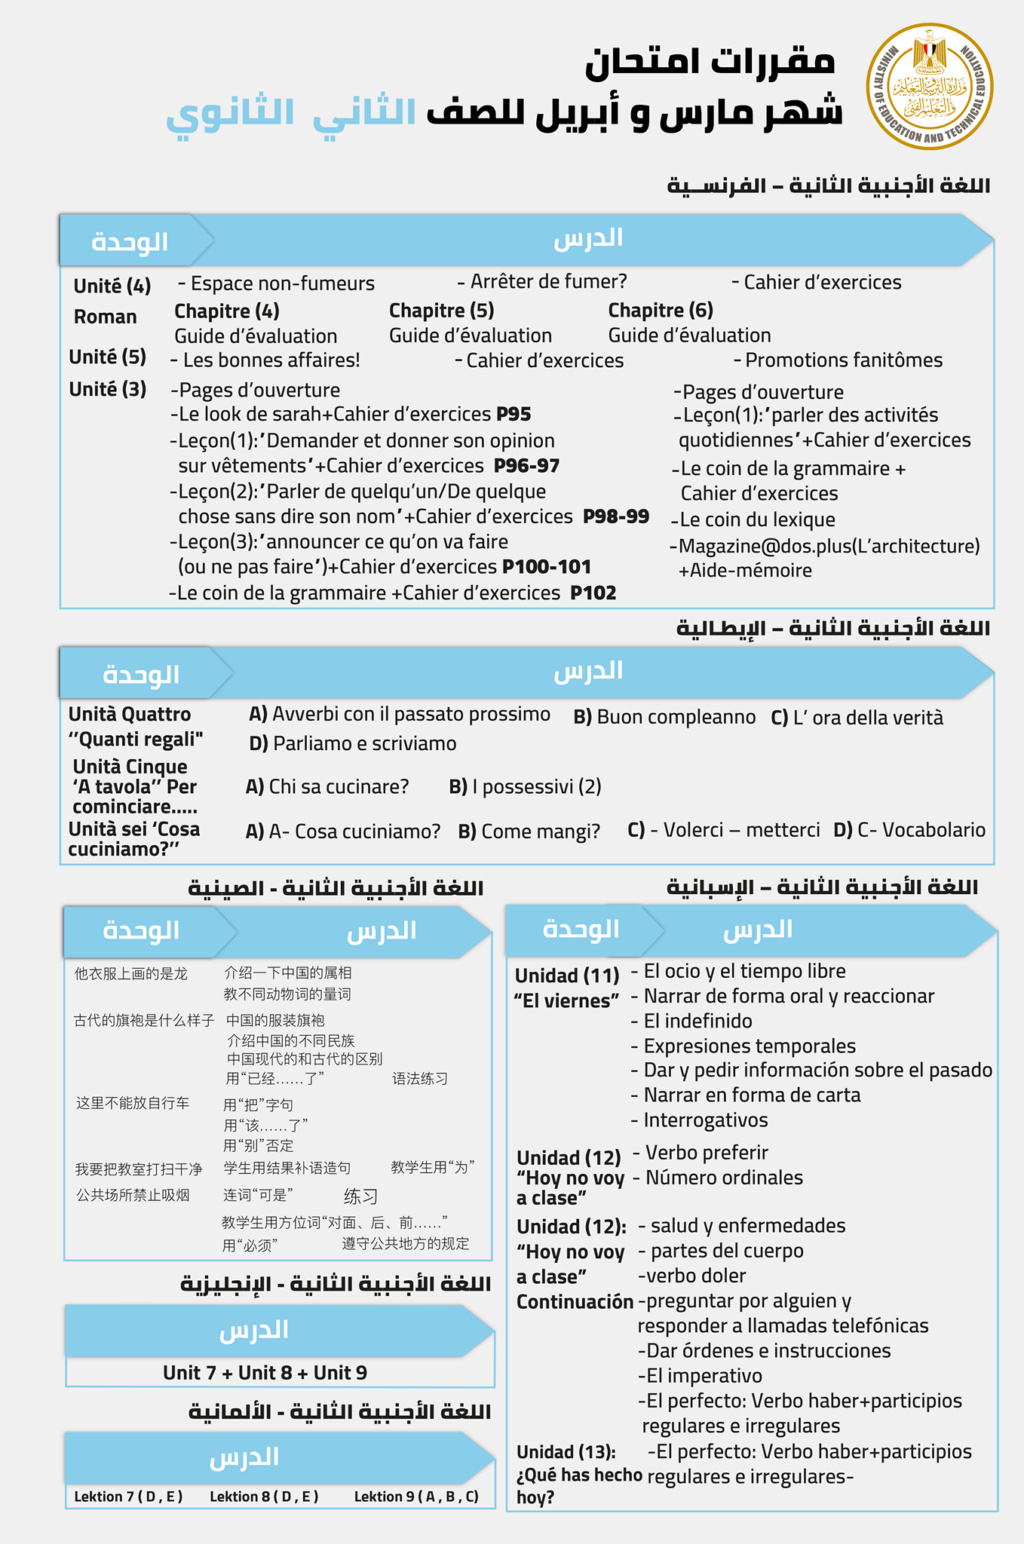 مقررات ومناهج امتحان شهر أبريل للصفوف الأول والثاني الثانوي من خلال الجداول التالية. 16367212